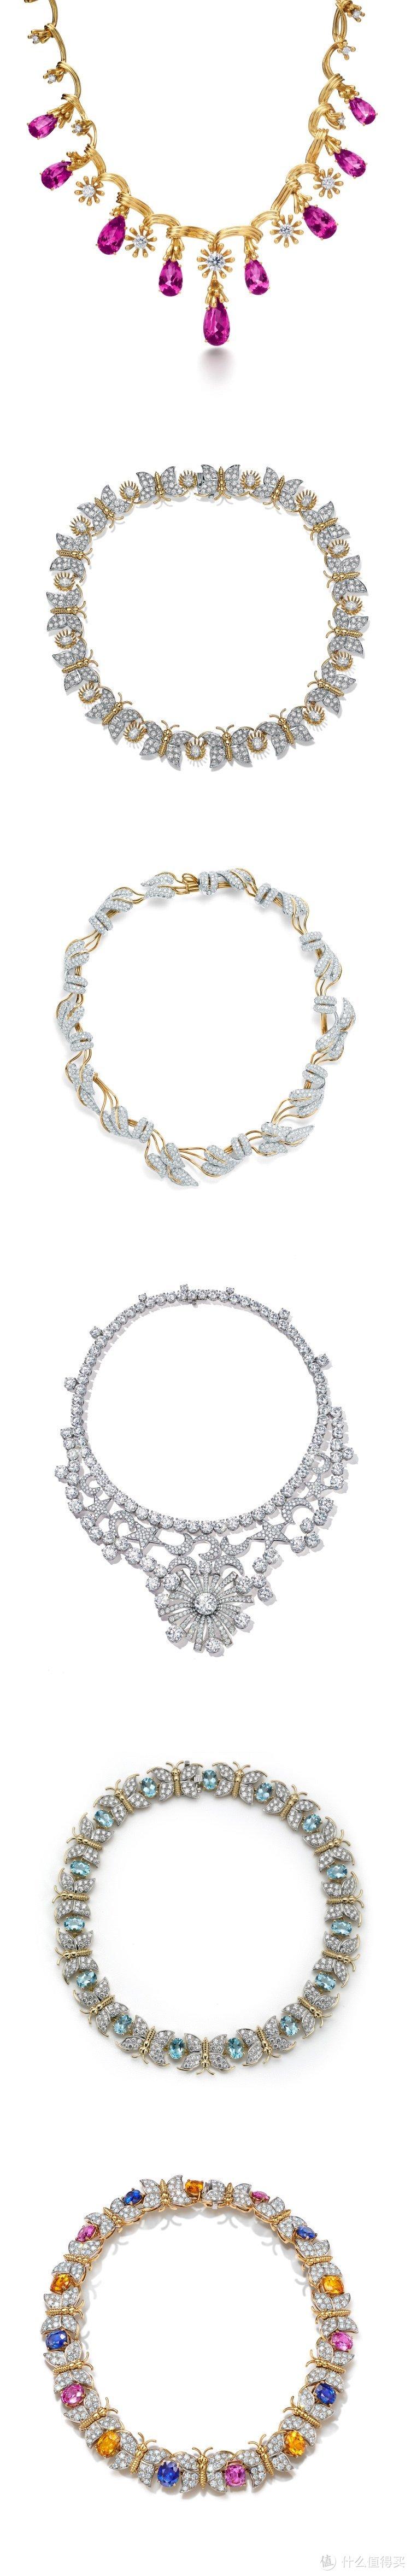 30多件高级珠宝璀璨发布,件件都震撼PLUS,一起来看蒂芙尼的珠宝魔法